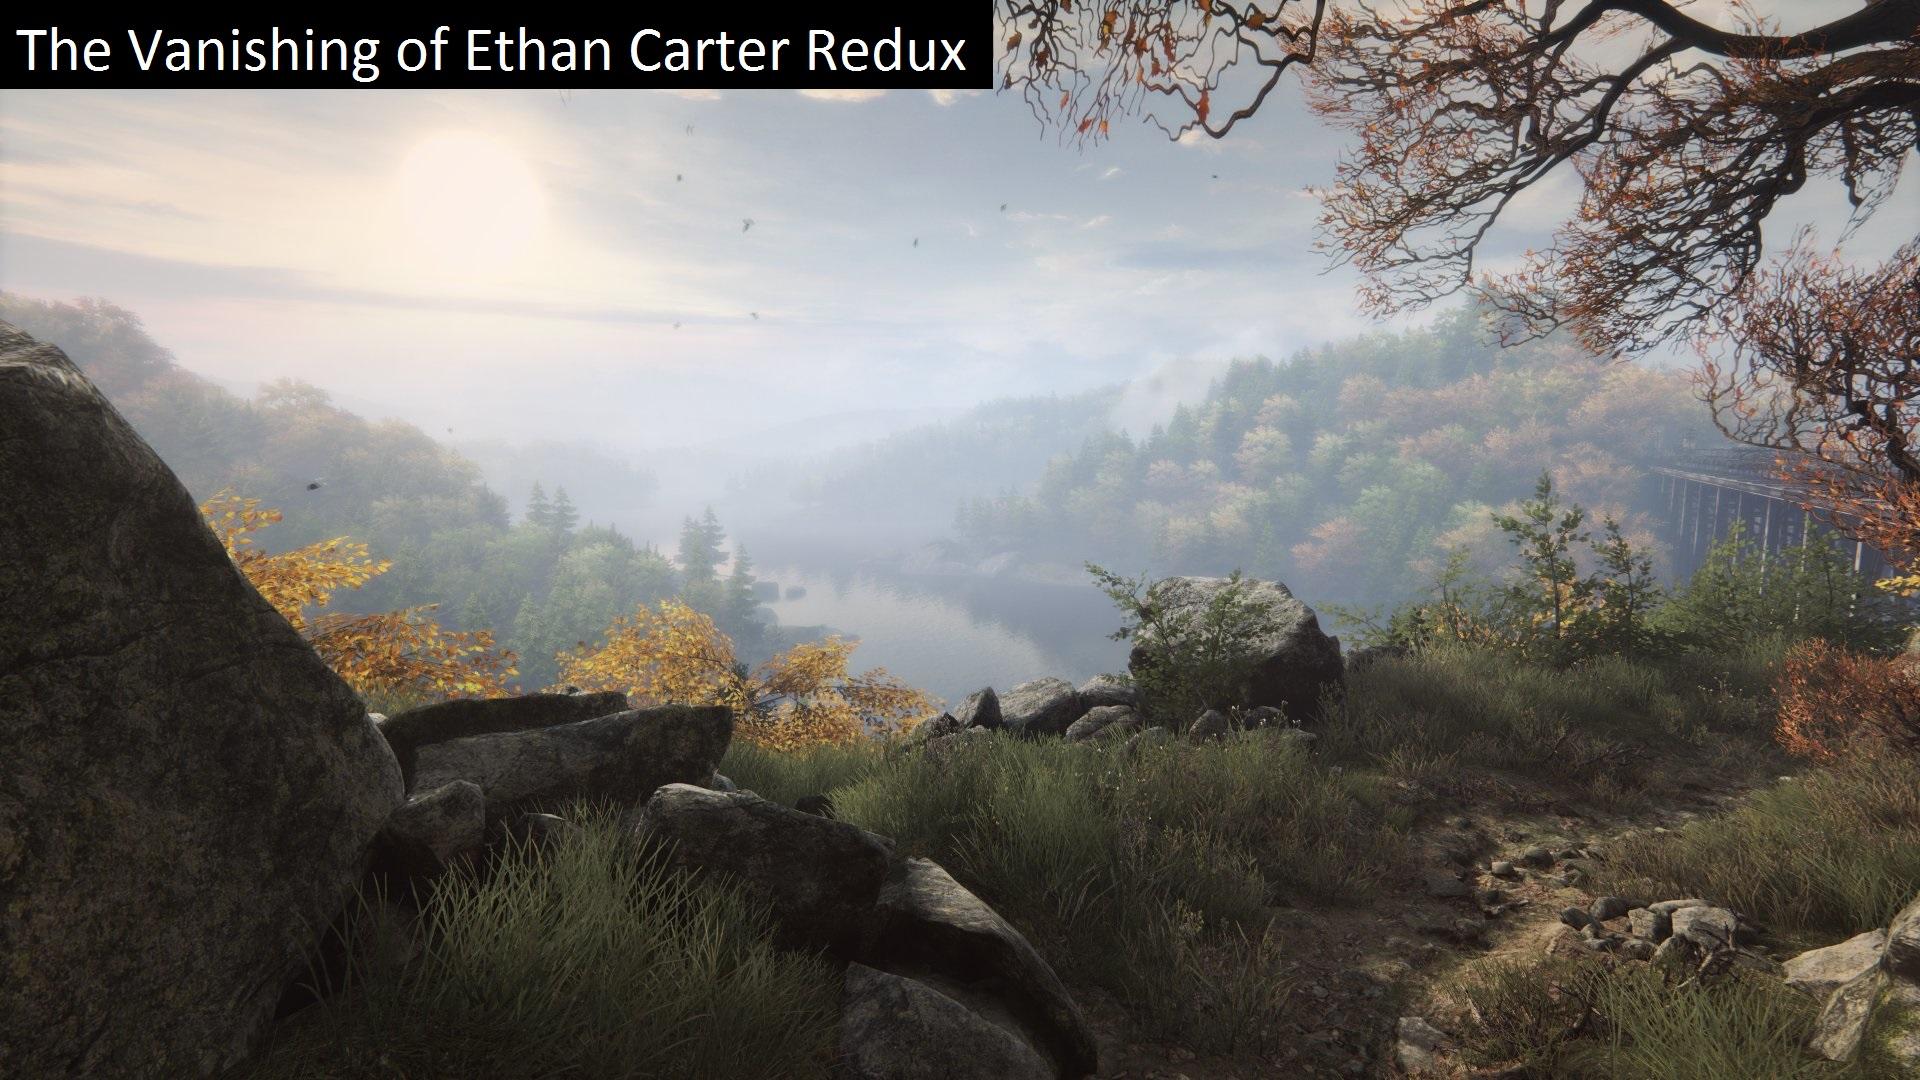 The_Vanishing_of_Ethan_Carter_Redux__2.jpg - Vanishing of Ethan Carter, the